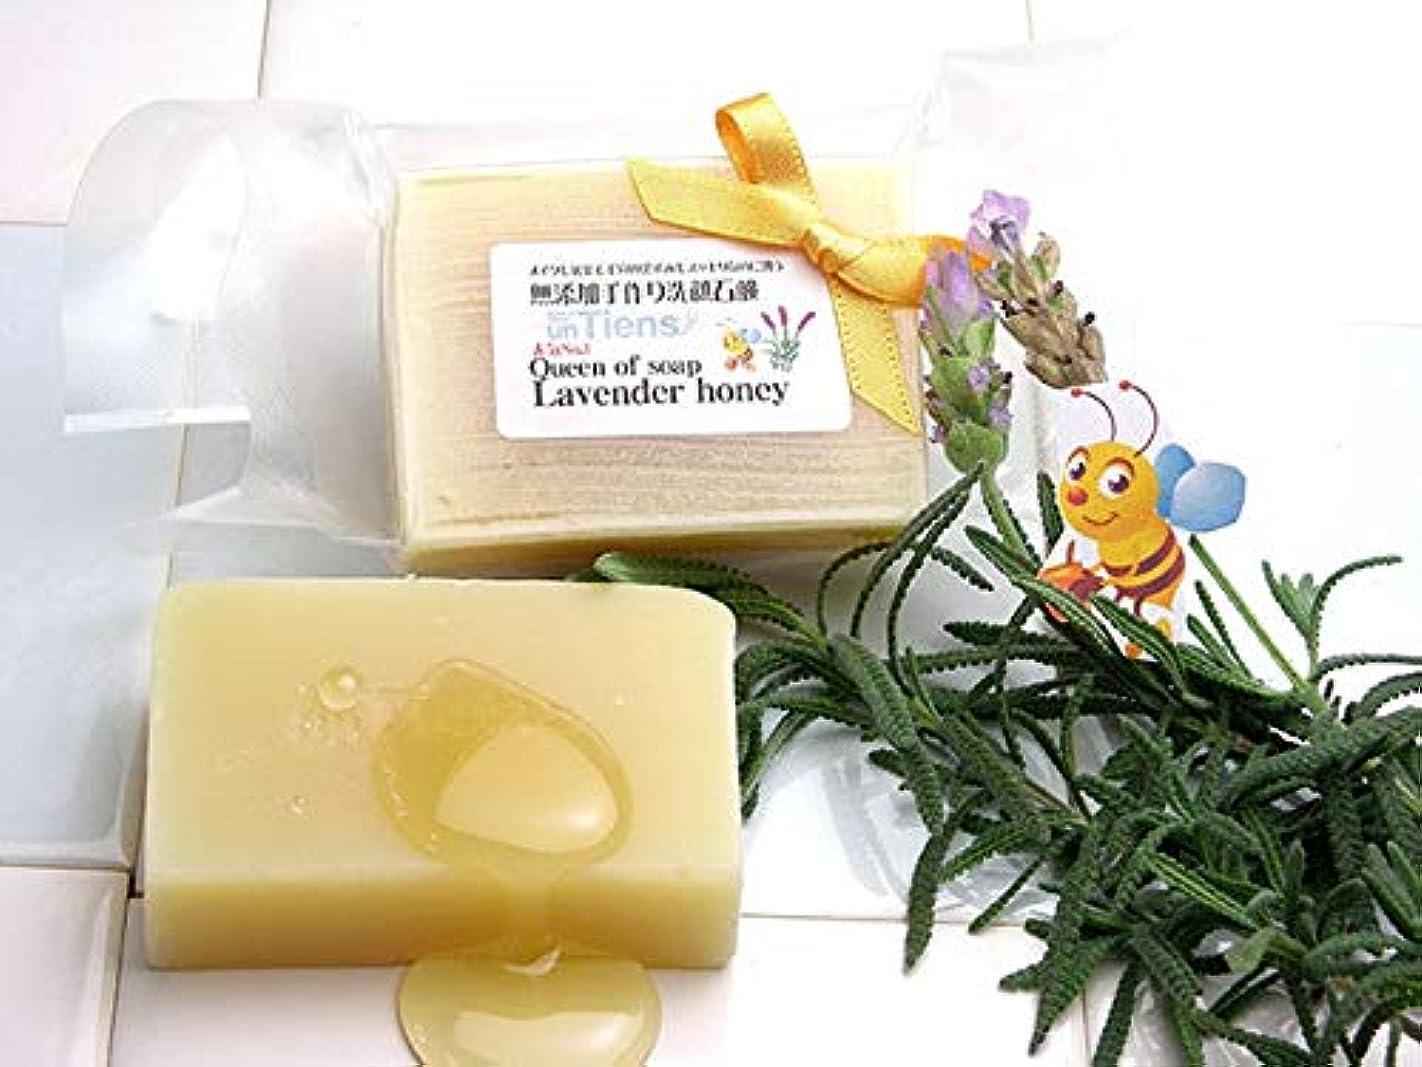 マエストロアーサーコナンドイル甘美な手作り洗顔石鹸アンティアン クイーンオブソープ 人気No,1、潤いの洗顔、毛穴もスッキリ明るい肌色「ラベンダーハニー」 40g